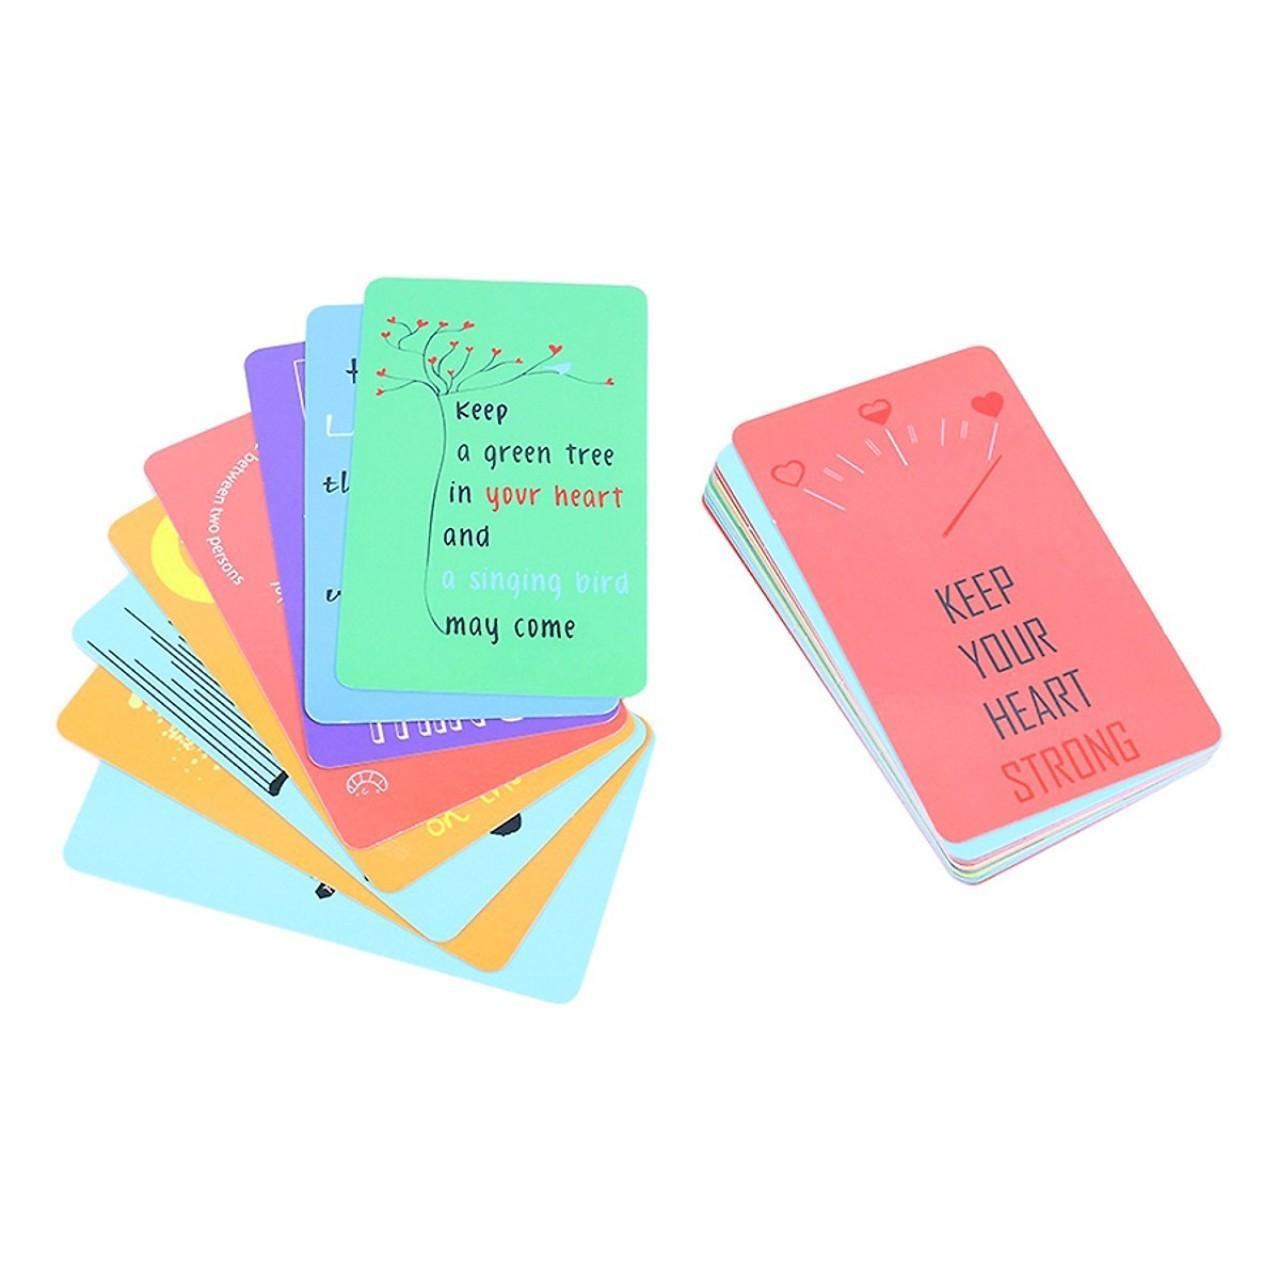 Siêu Phẩm - Tri Thức Về Vạn Vật - Một Thế Giới Trực Quan Chưa Từng Thấy / Sách Kiến Thức Tổng Hợp / Sách Kiến Thức Bách Khoa (Tặng Kèm Bookmark Happy Life + Móc Khóa Thiết Kế)